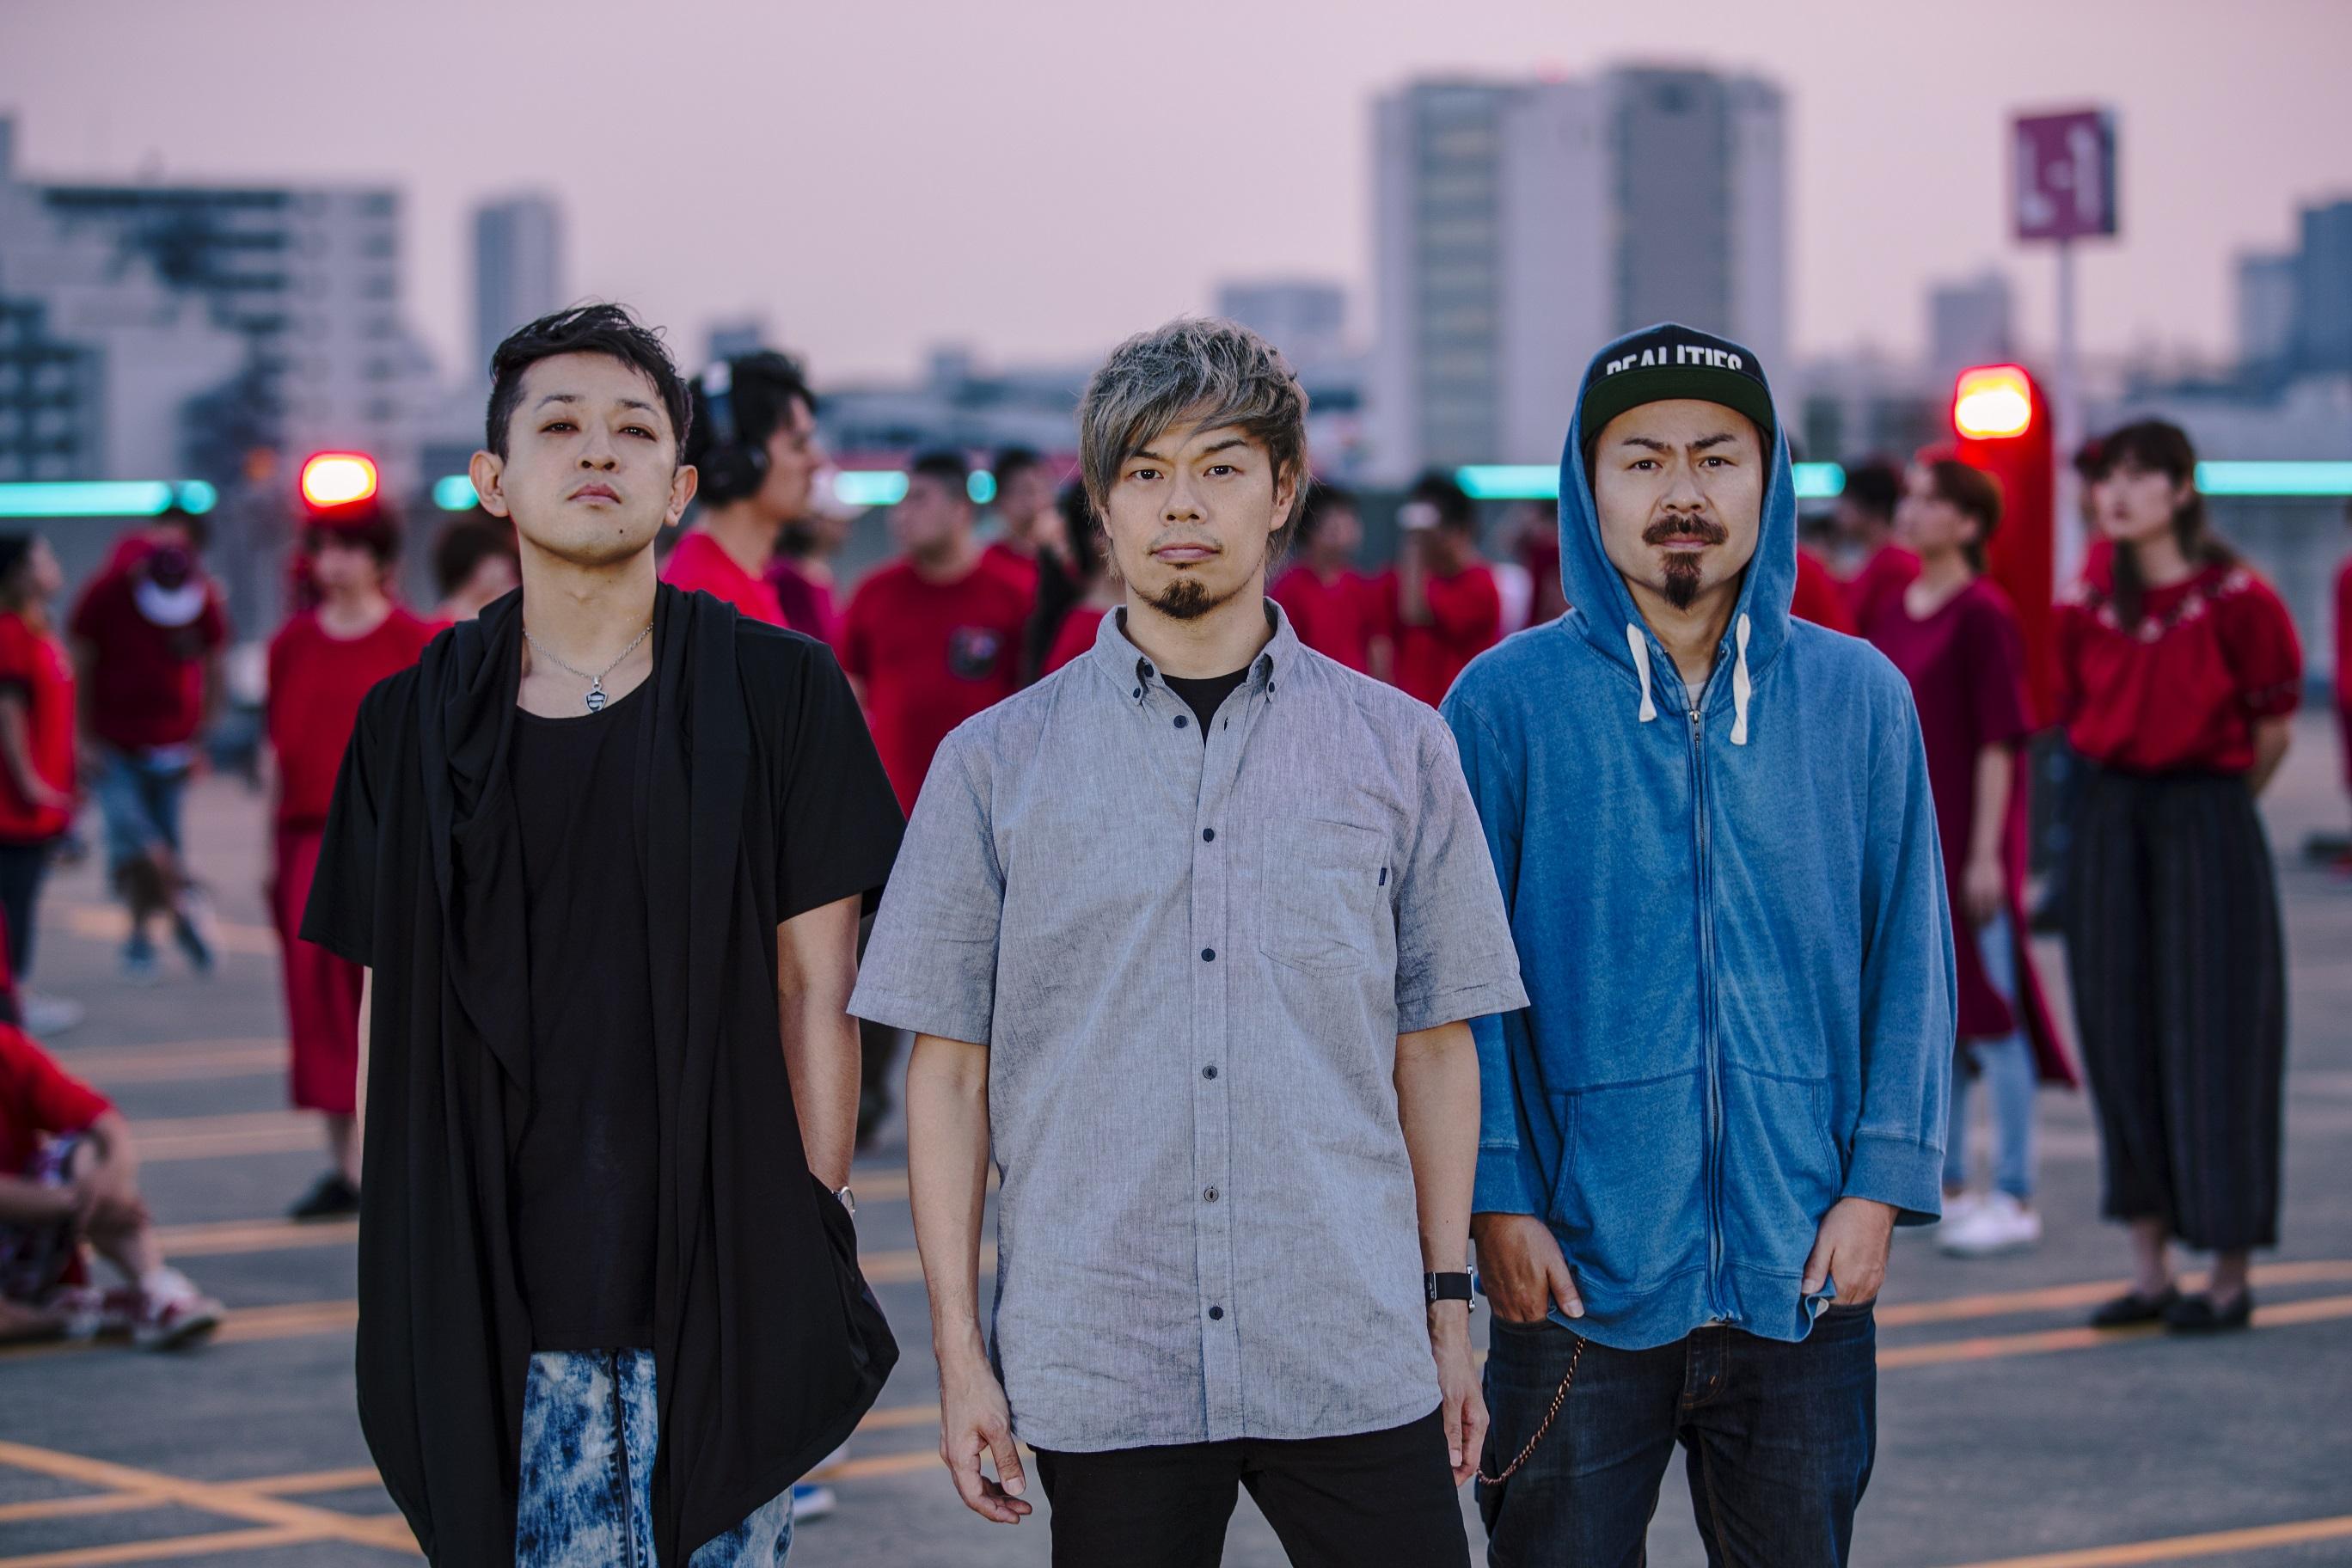 フジテレビ系「Love music」にて、10-FEET&京都大作戦特集の独占オンエアが決定